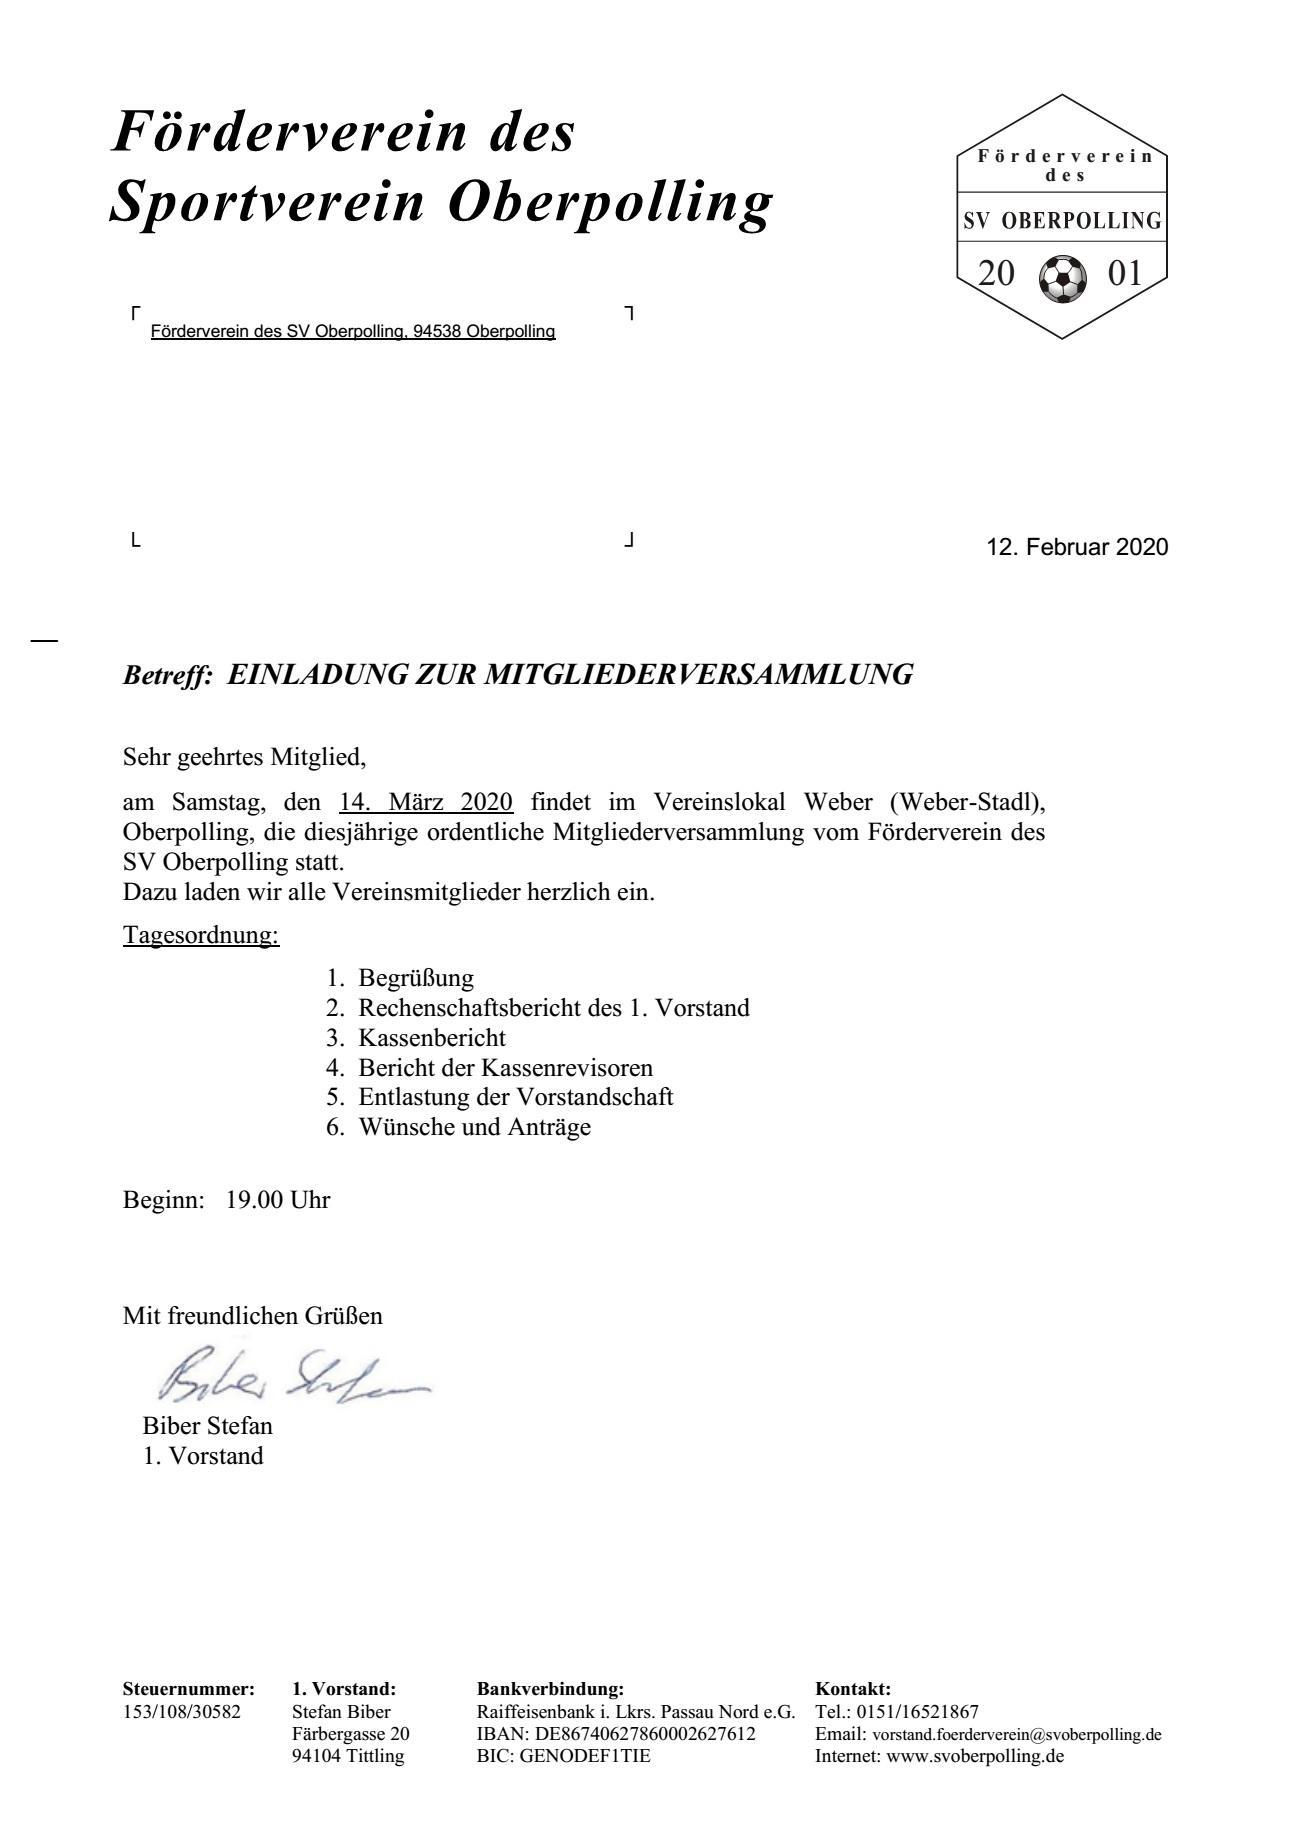 Mitgliederversammlung Förderverein